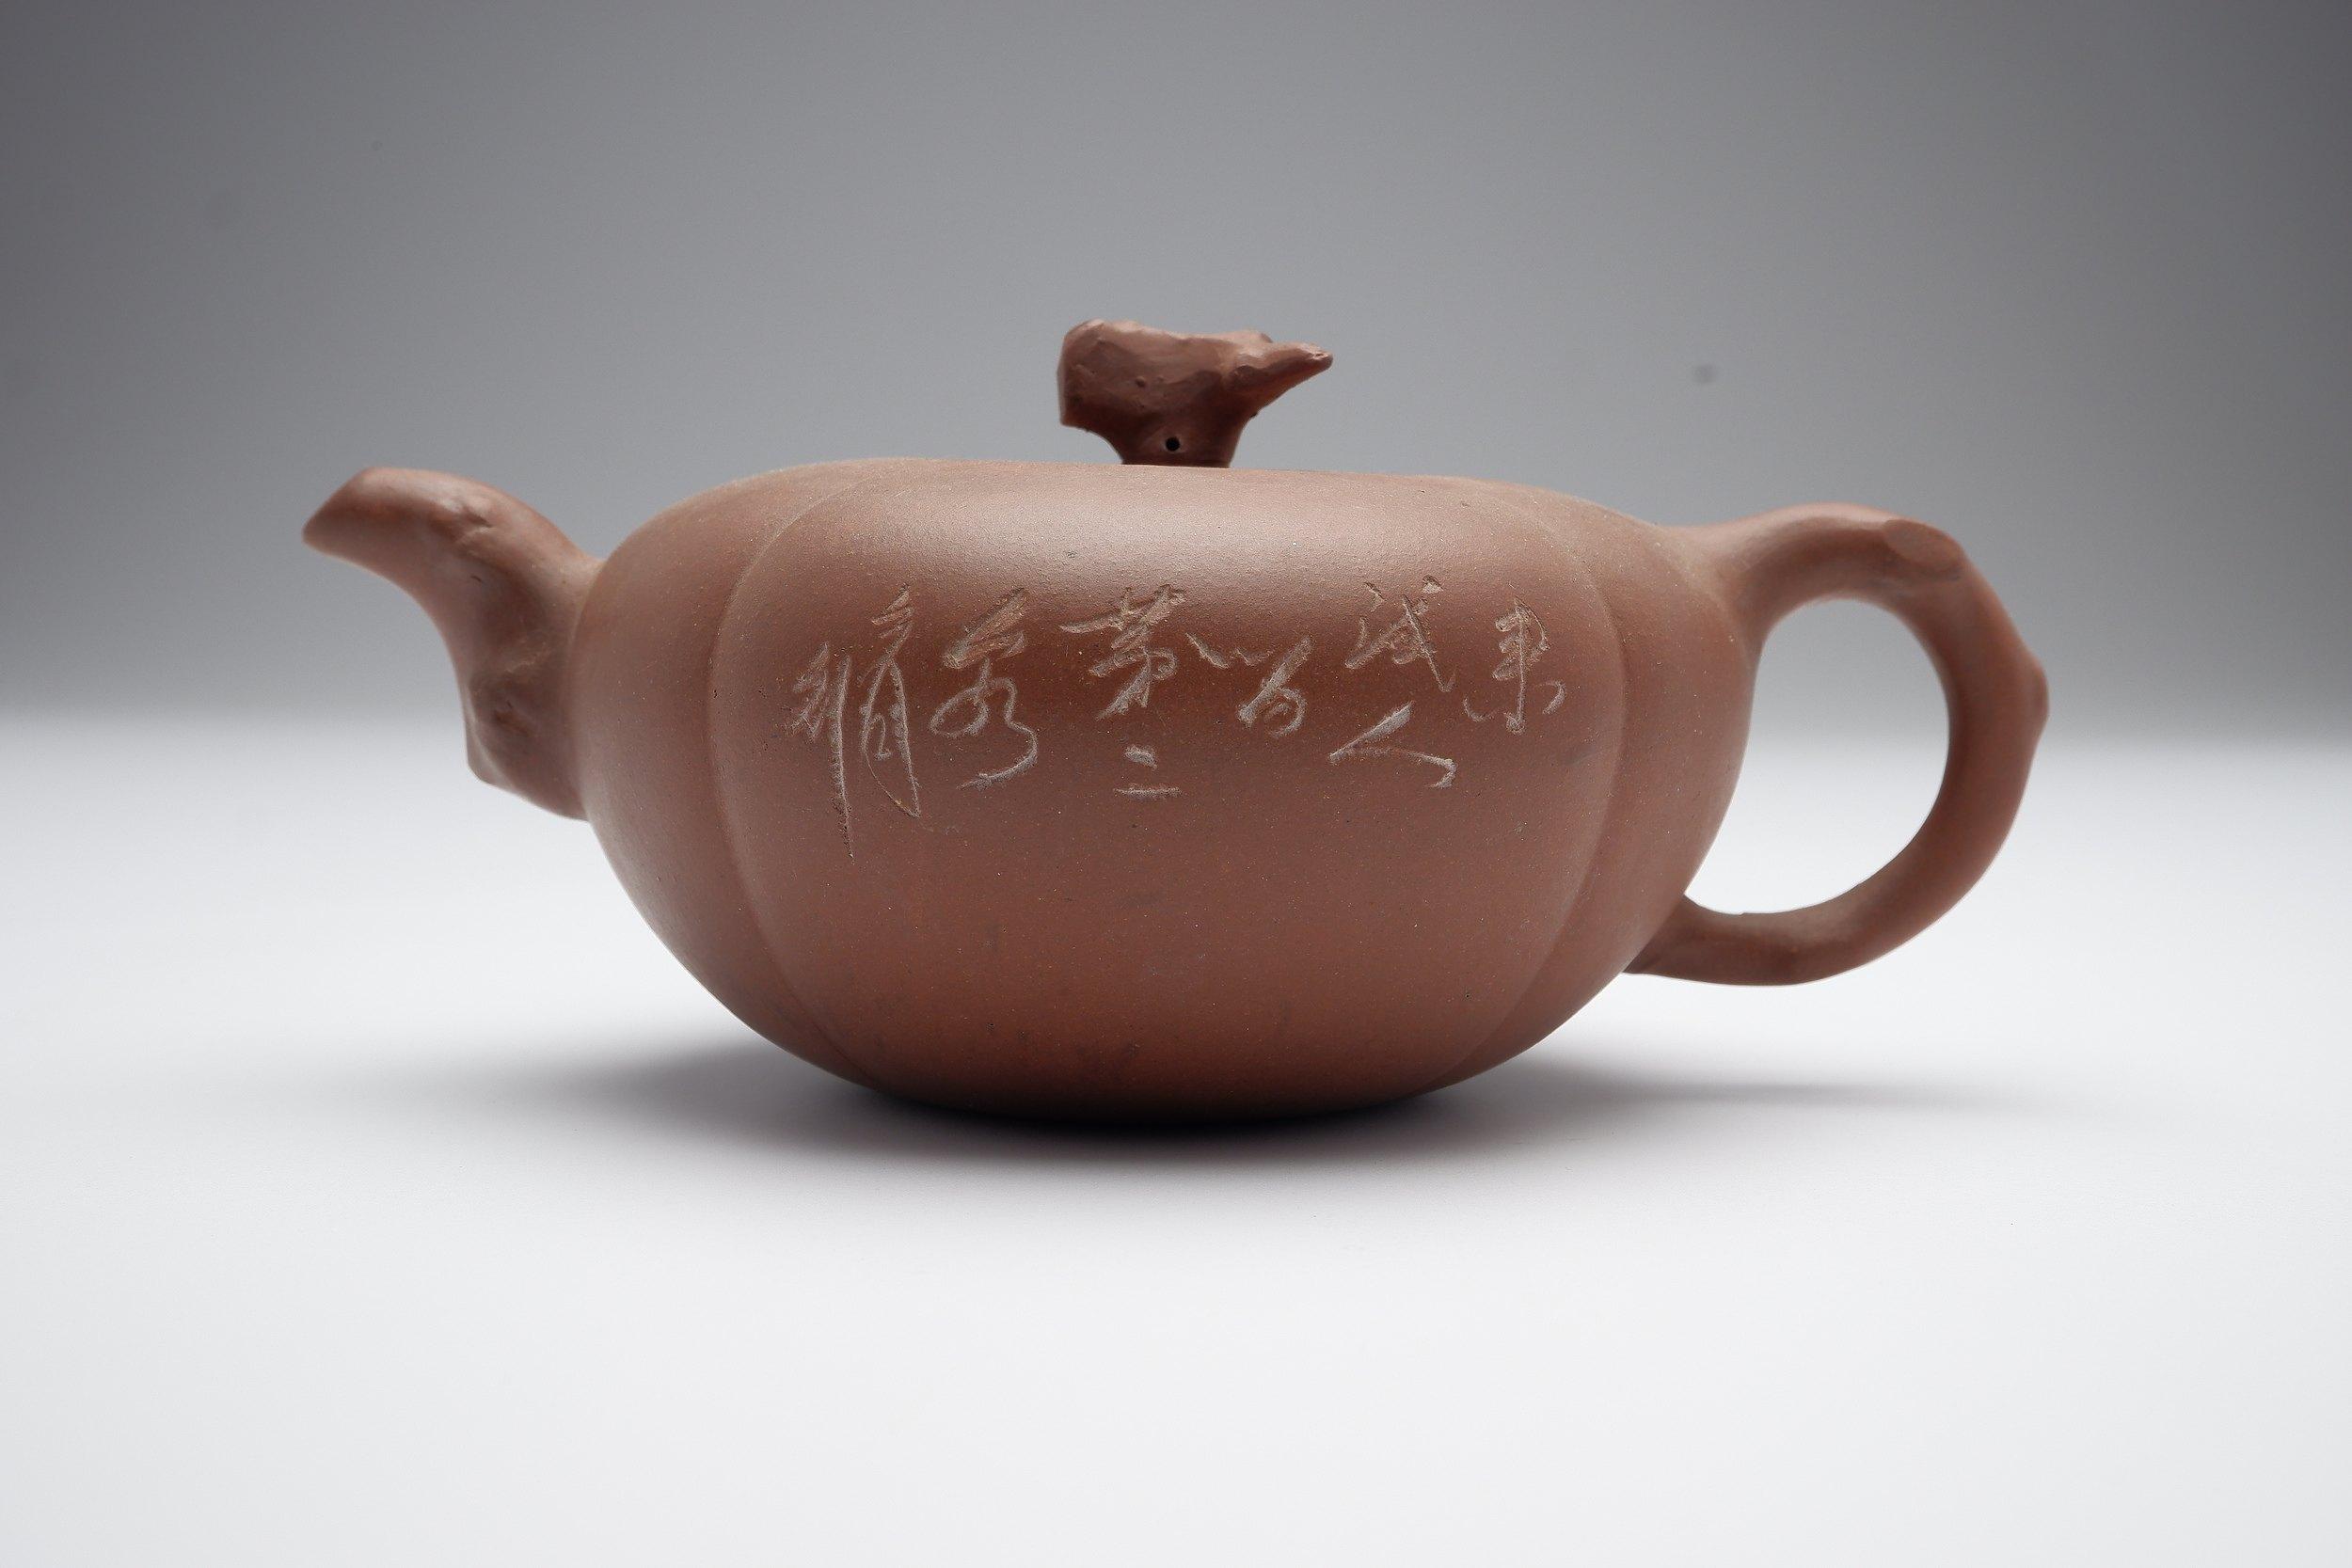 'Chinese Yixing Pottery Teapot'